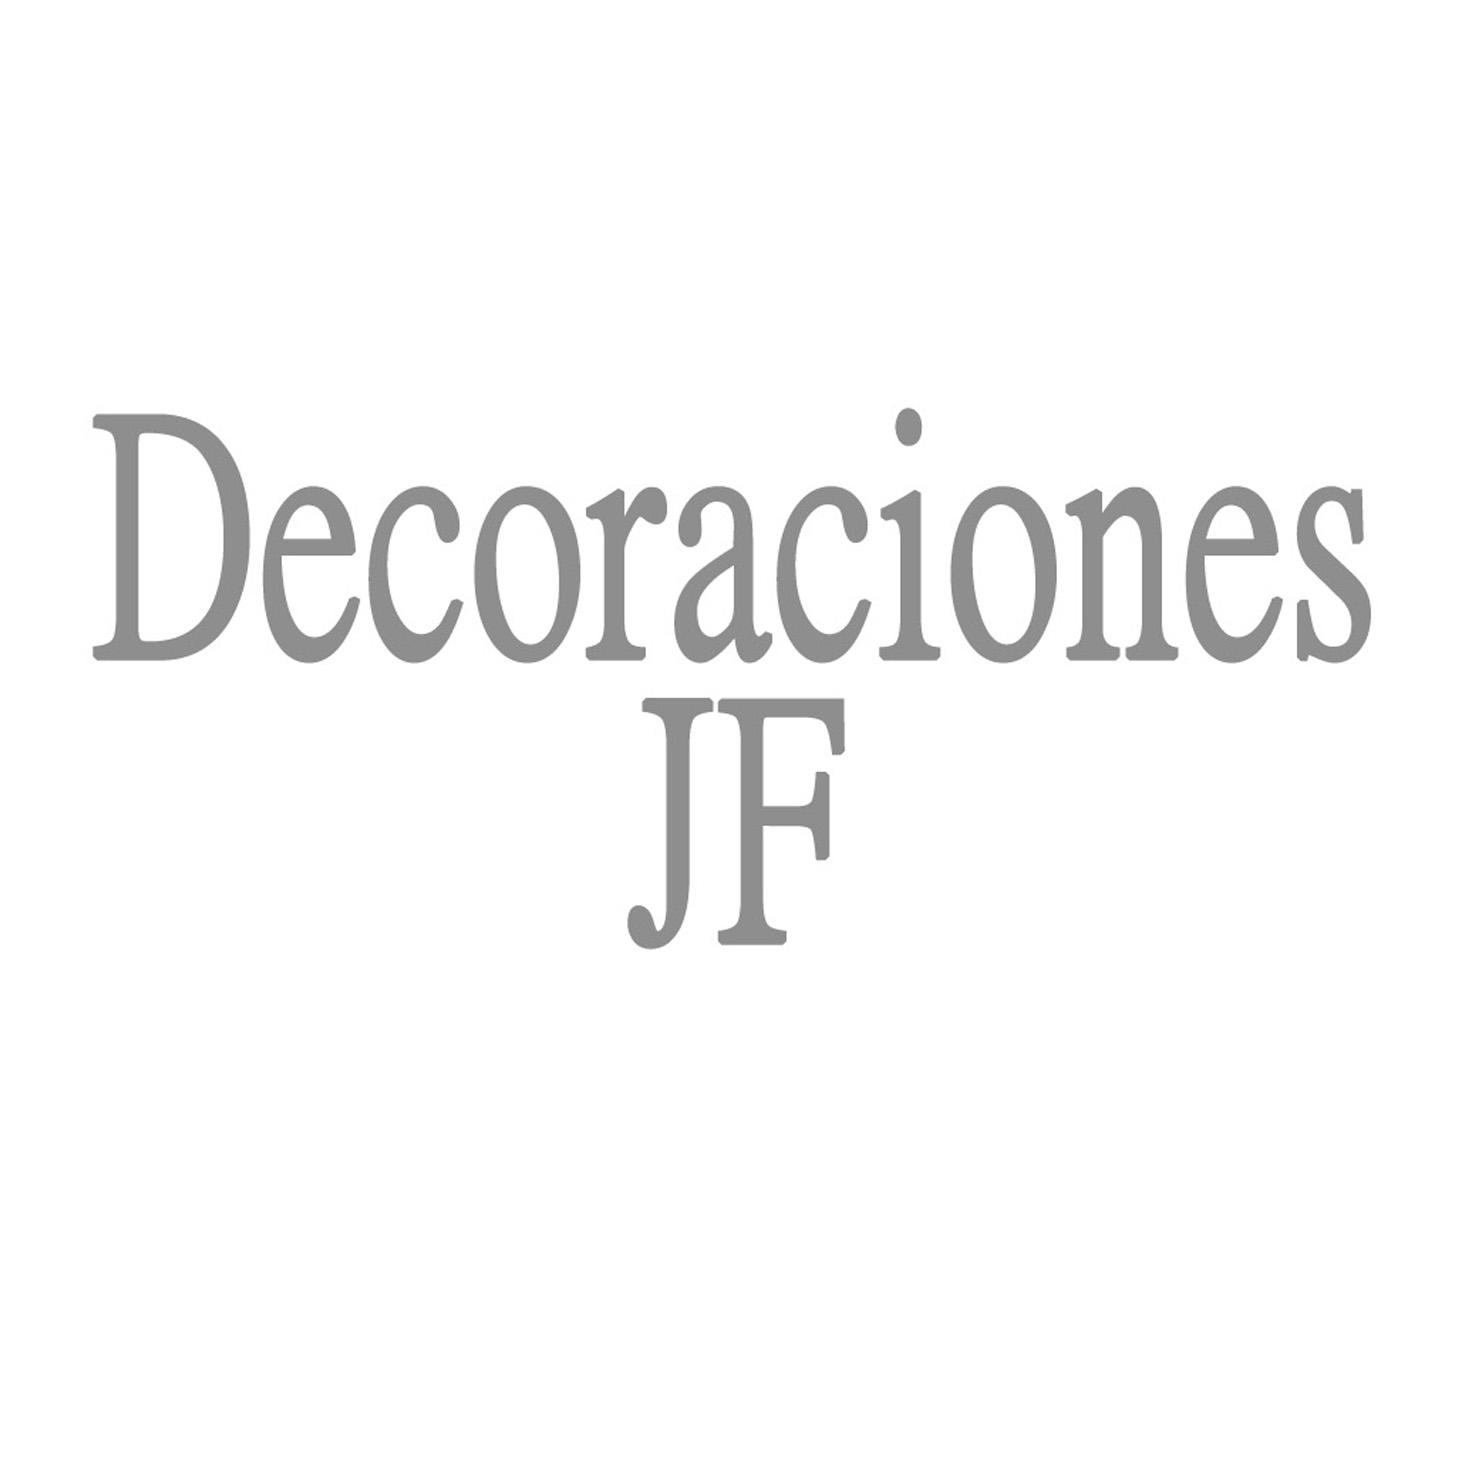 Decoraciones JF